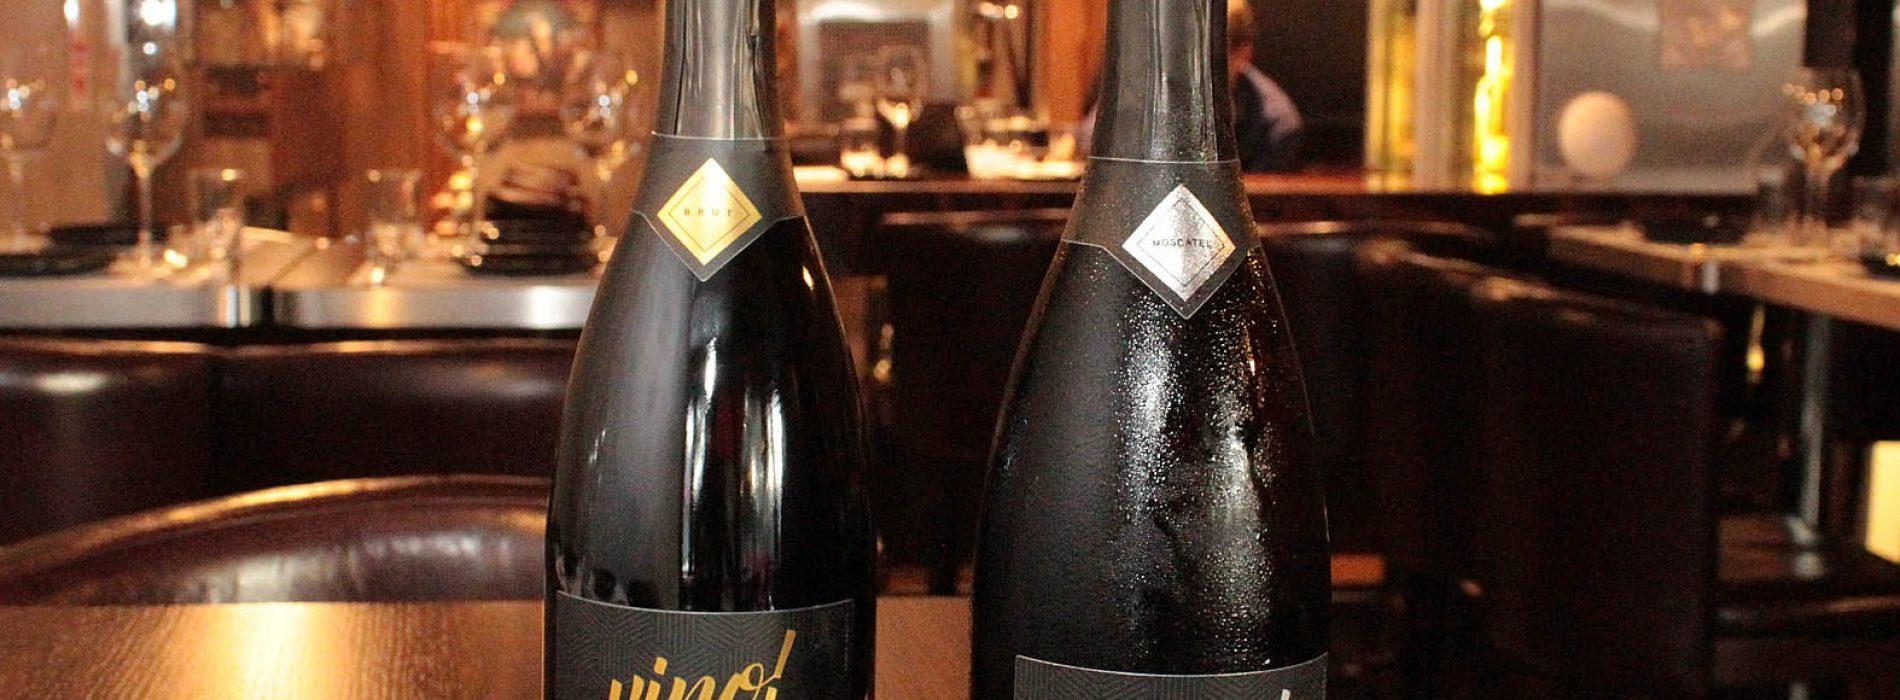 Rede Vino! lança sua própria marca de espumantes